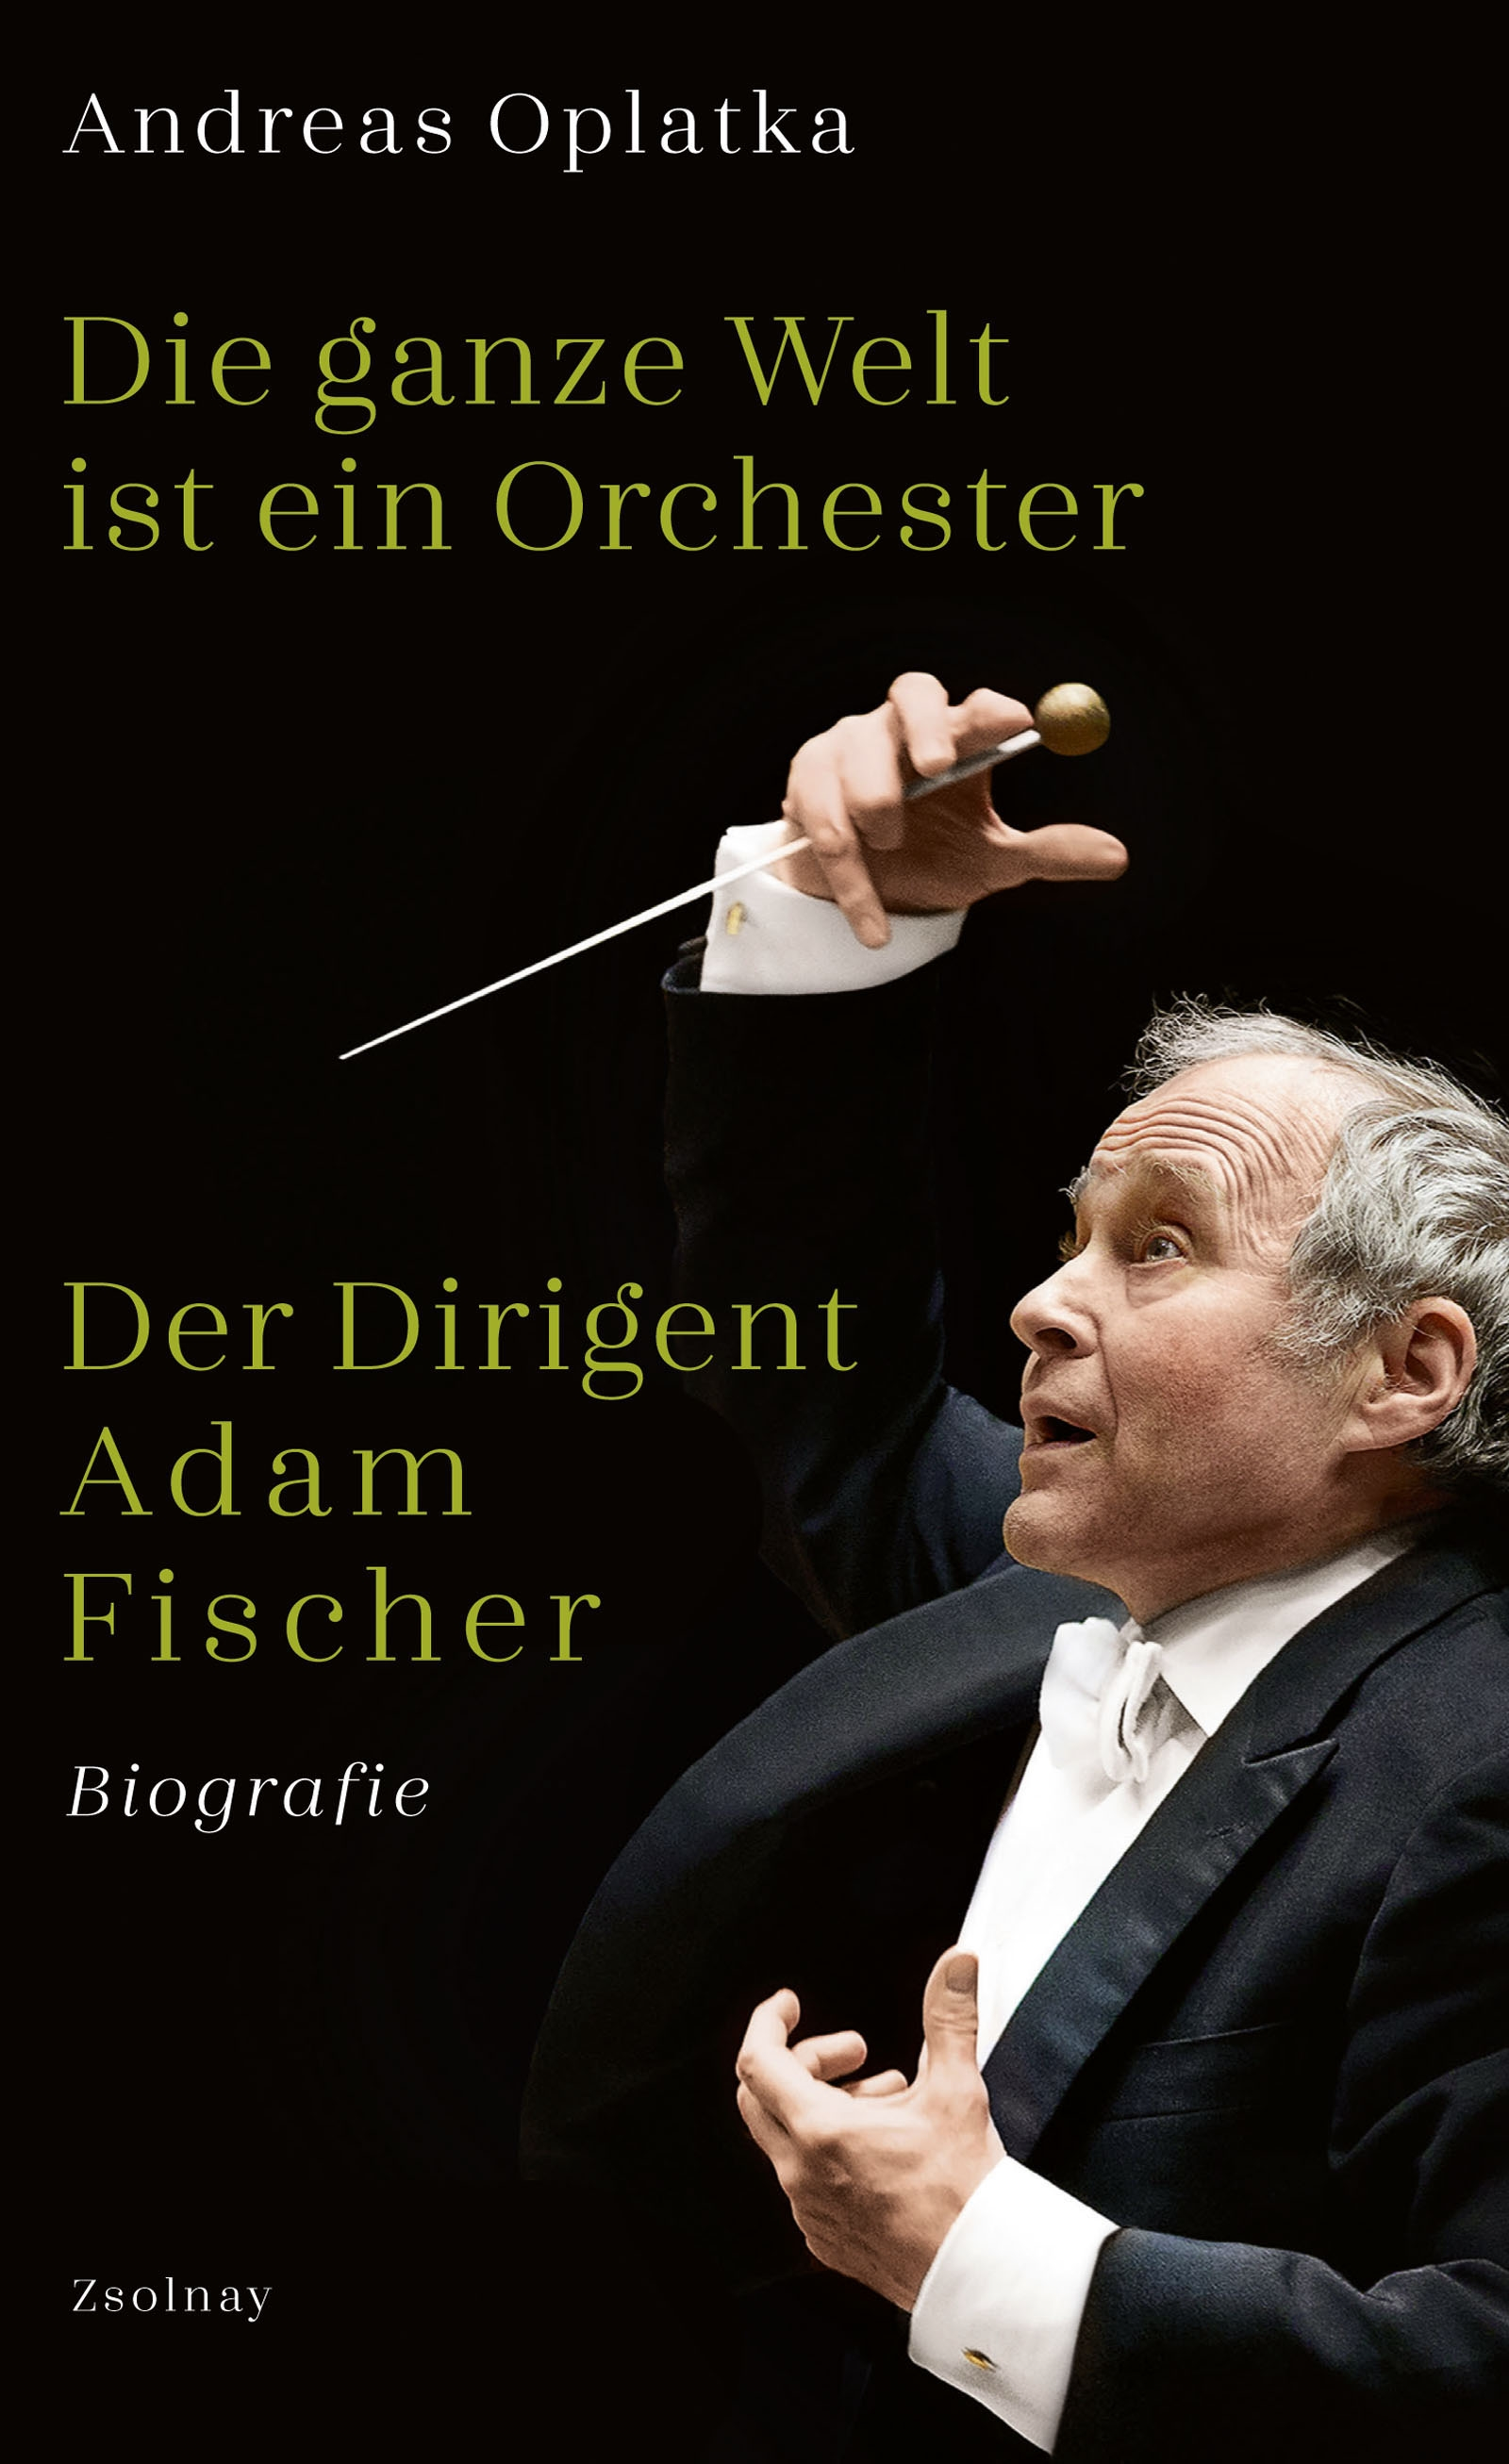 Die ganze Welt ist ein Orchester